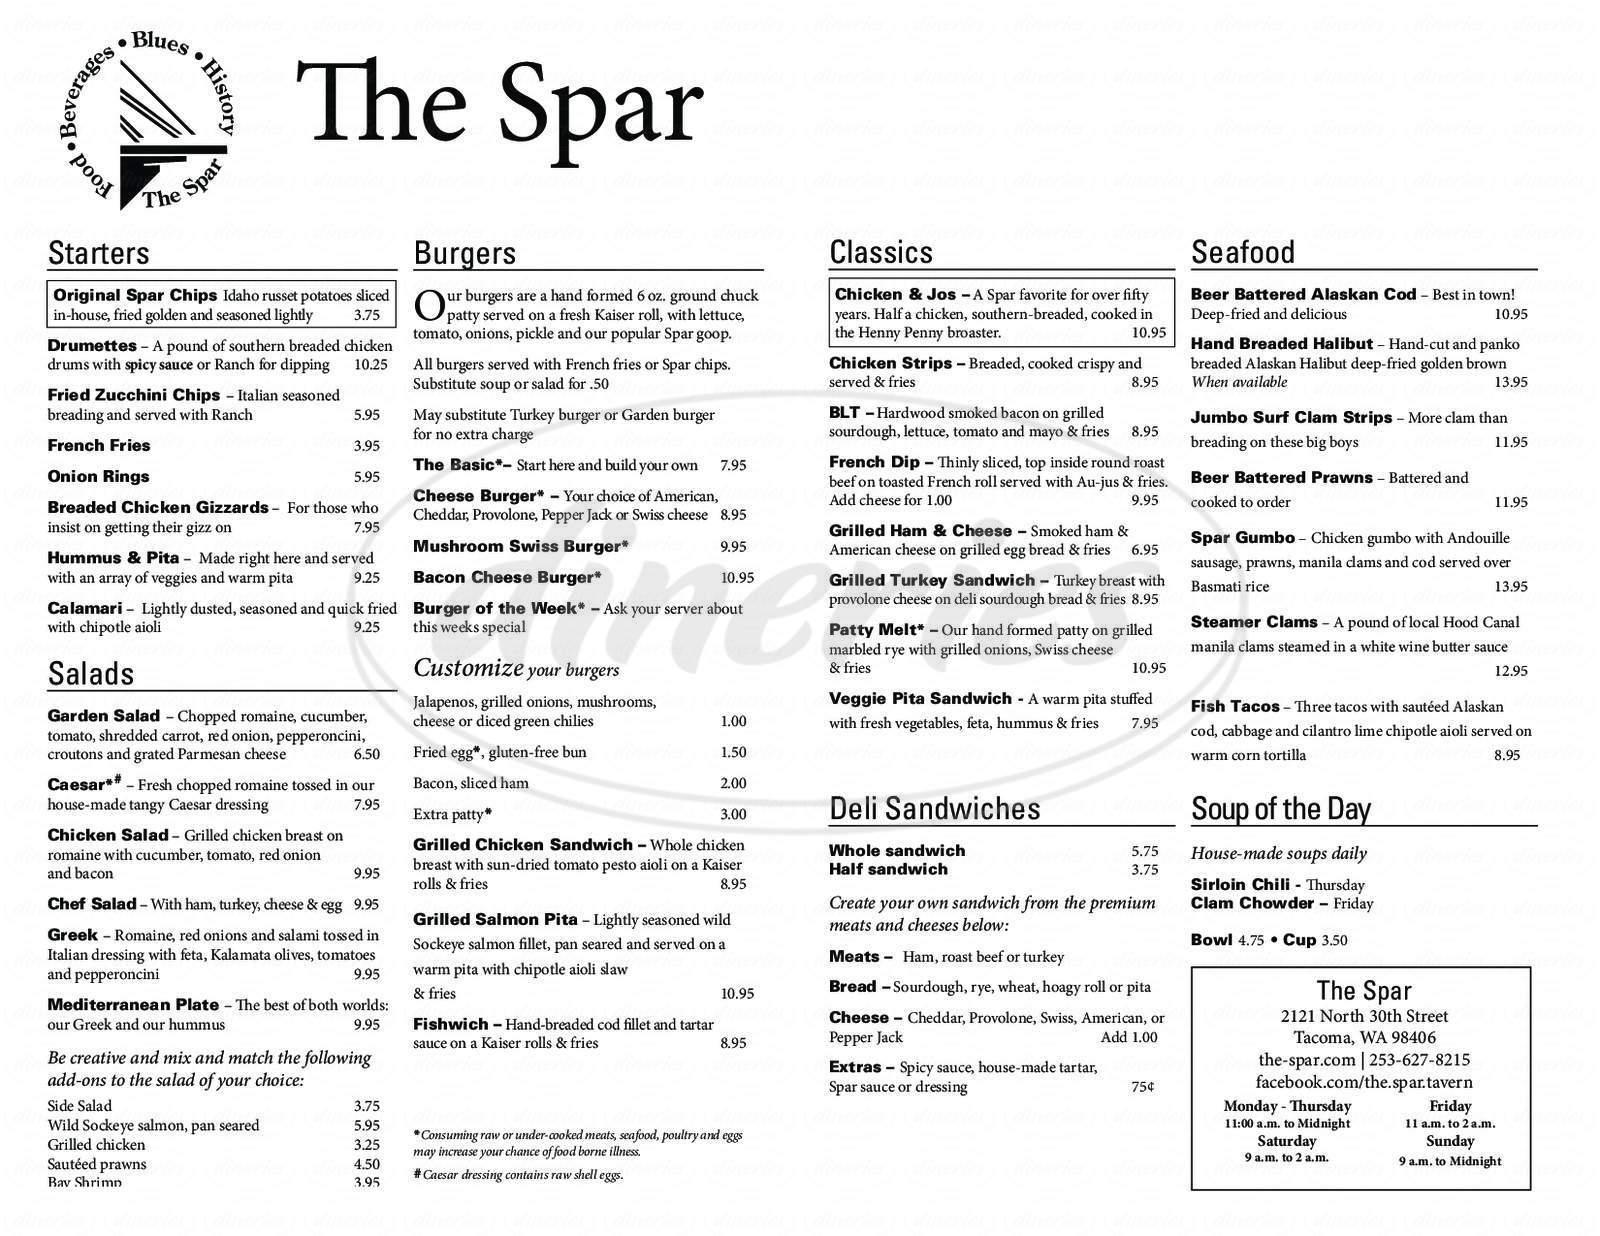 menu for The Spar